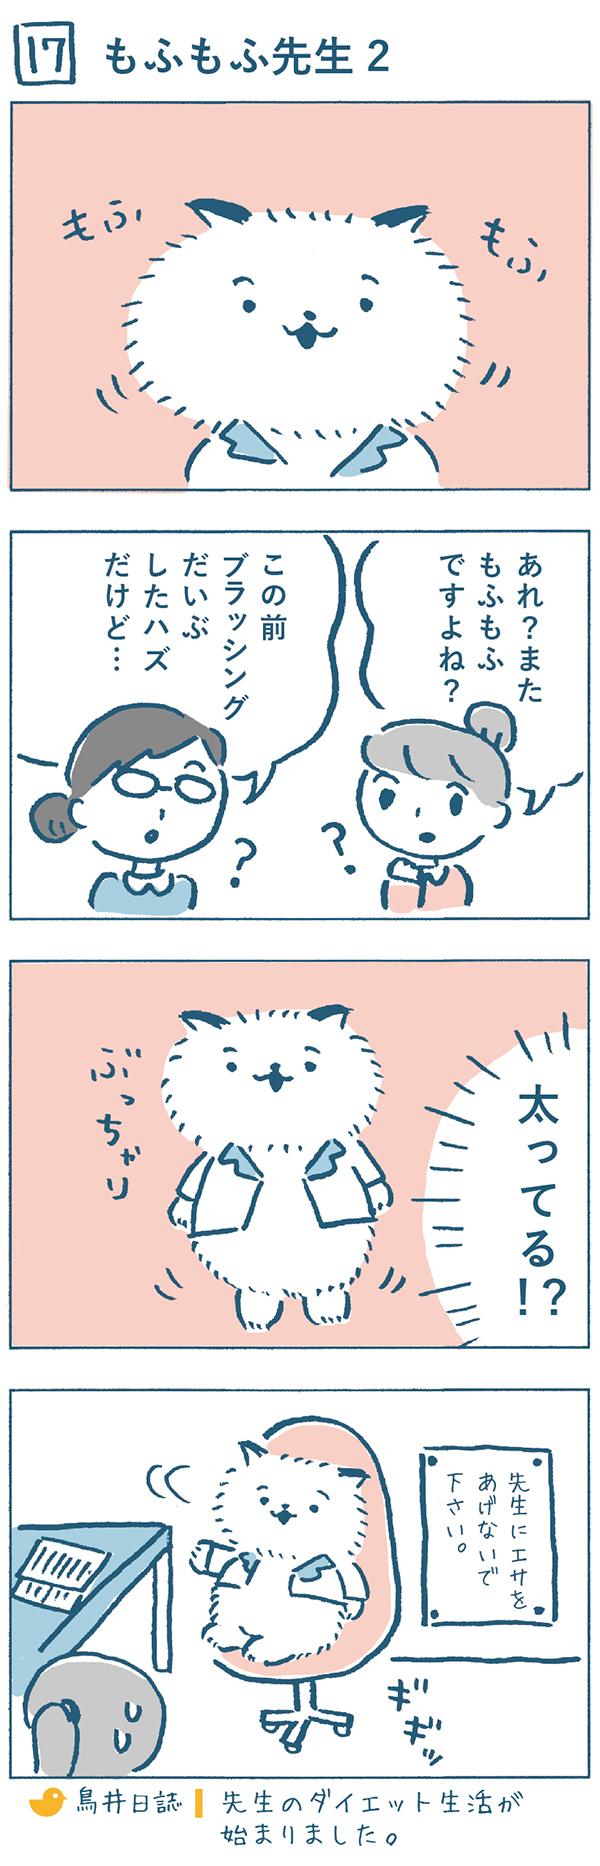 タイトル:もふもふ先生2。またもやもふもふしているねこやま先生。奈央子と熊野さんは、「あれ?またもふもふですよね?」「この前ブラッシングだいぶしたハズだけど…。」と不思議そうにしています。よく見てみると…太っている?!全体的にぶっちゃりとしたフォルムになっている先生。診察室の椅子も軋むくらいに太ってしまったので、「先生にエサをあげないで下さい。」という貼り紙をはられてしまうねこやま先生なのでした。